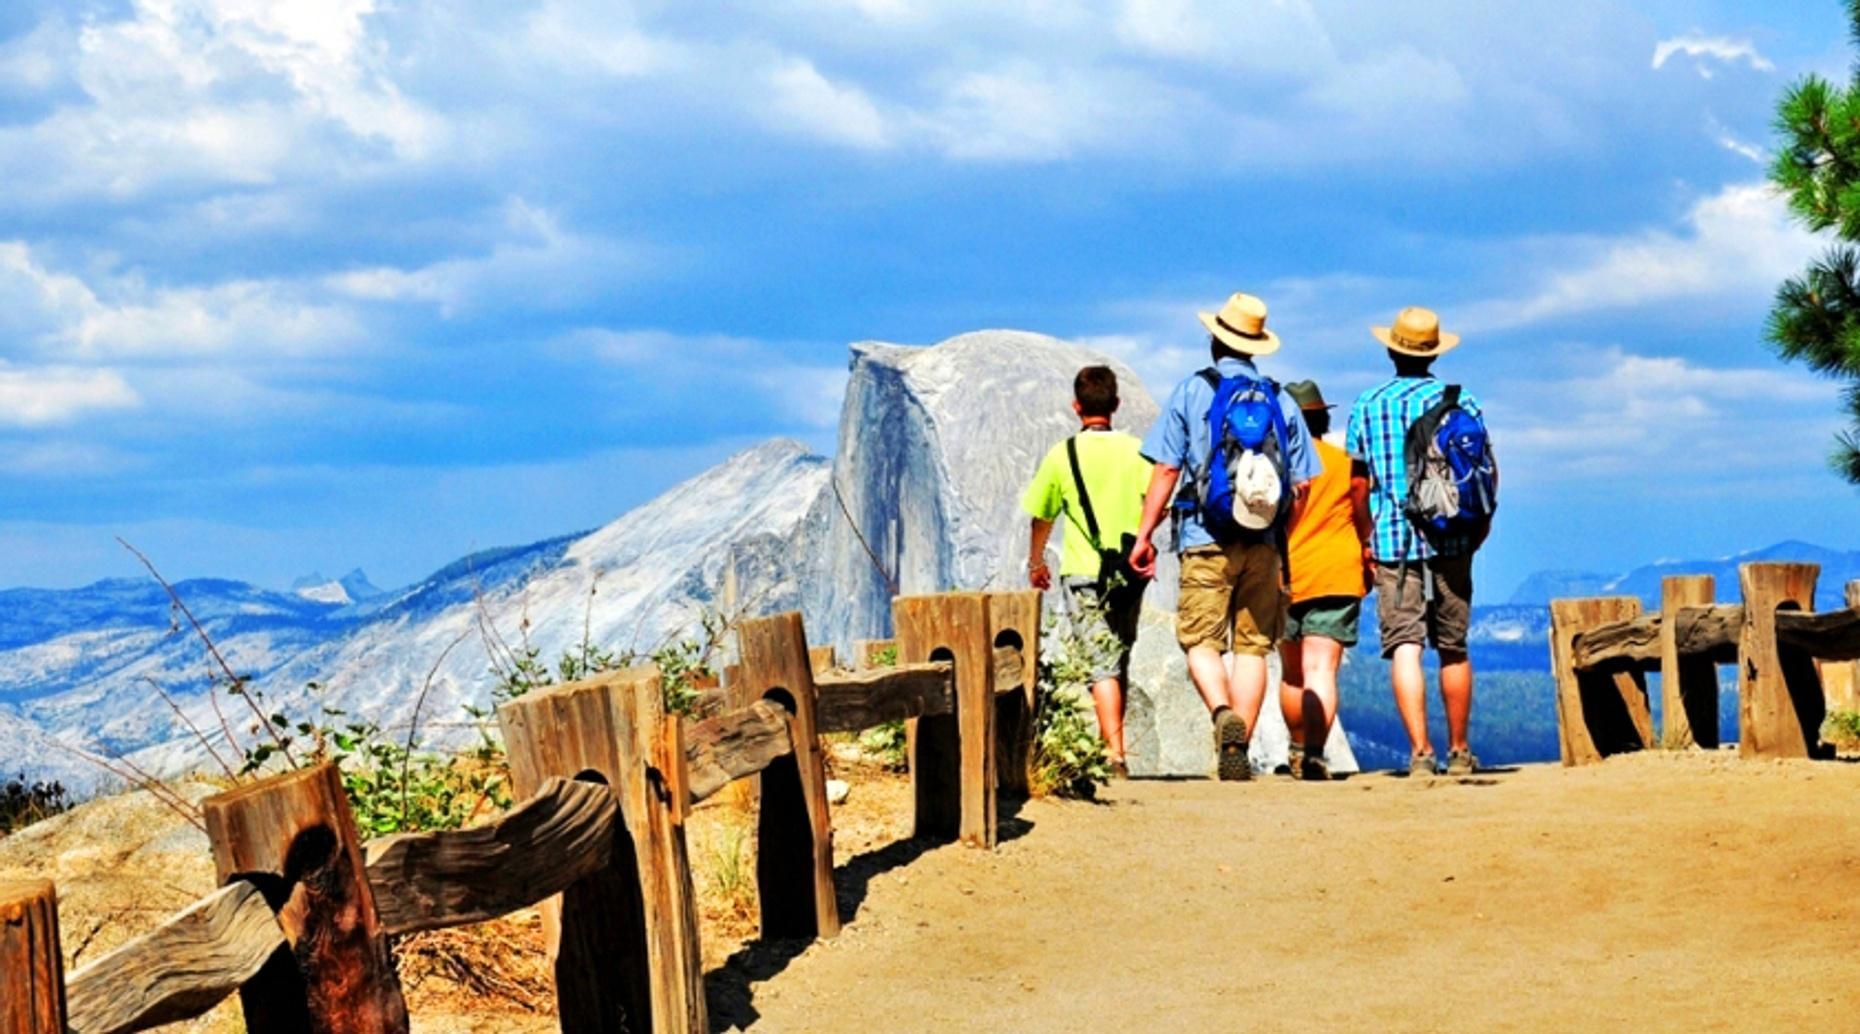 Guided Yosemite National Park Tour from Oakhurst